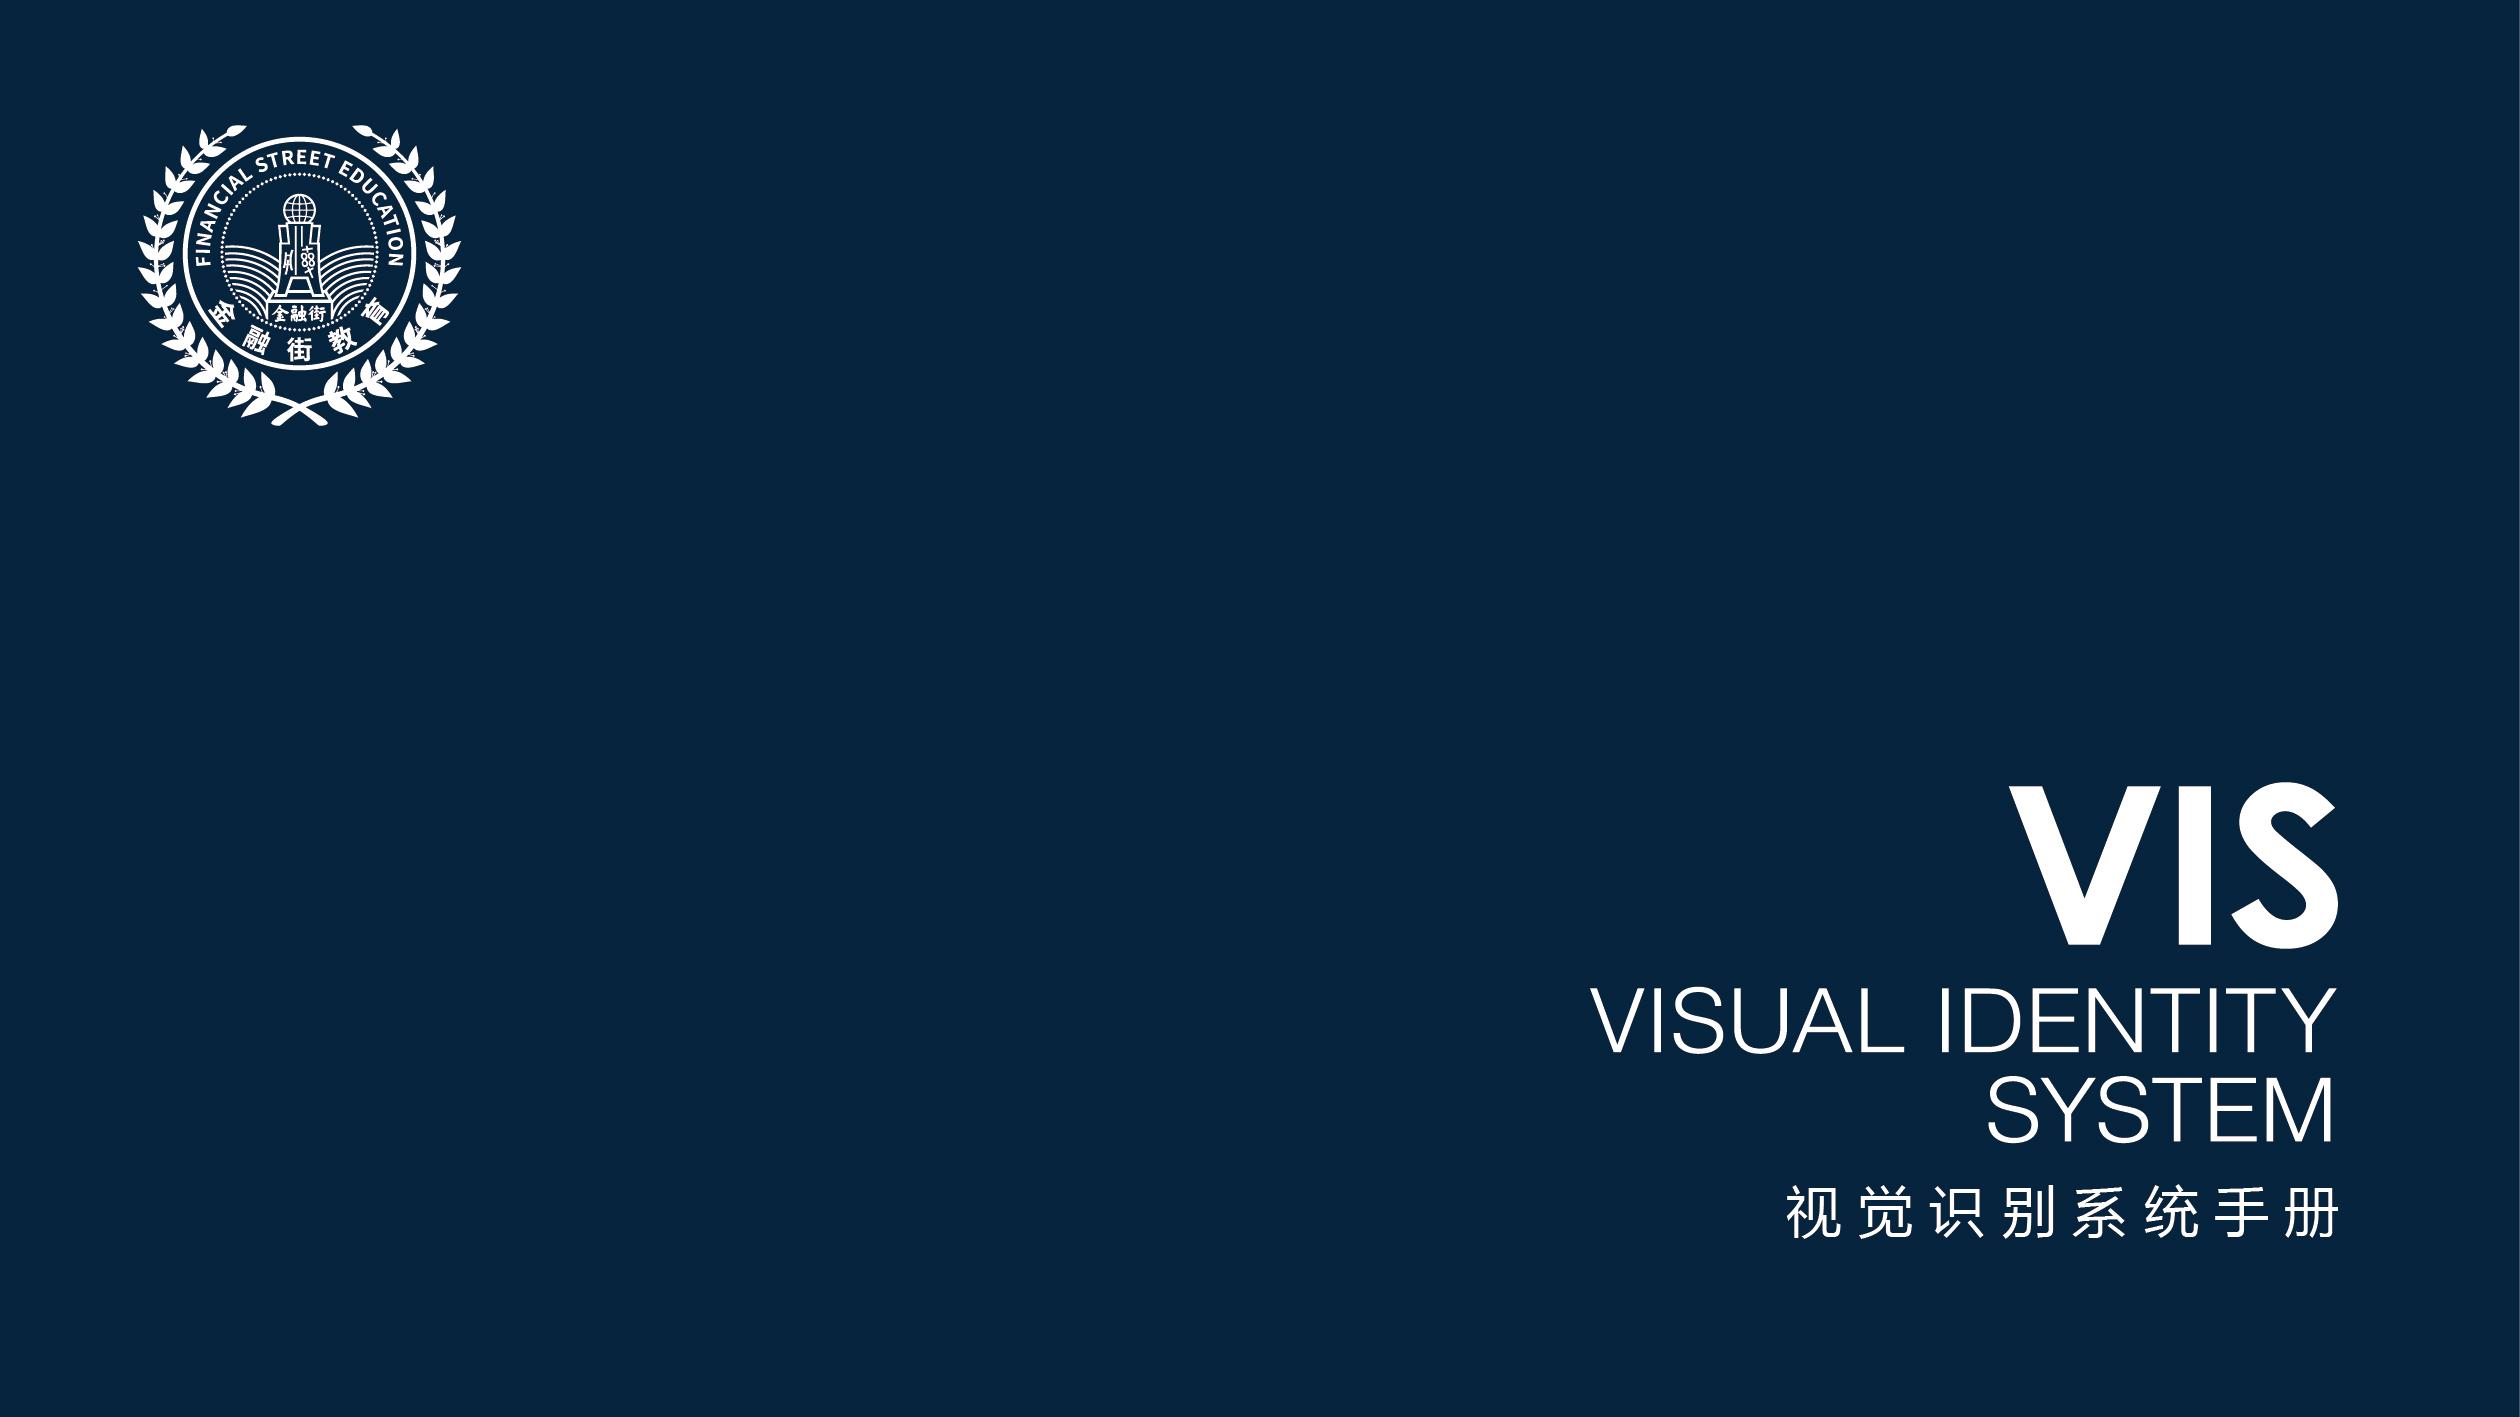 金融街教育公司VI设计